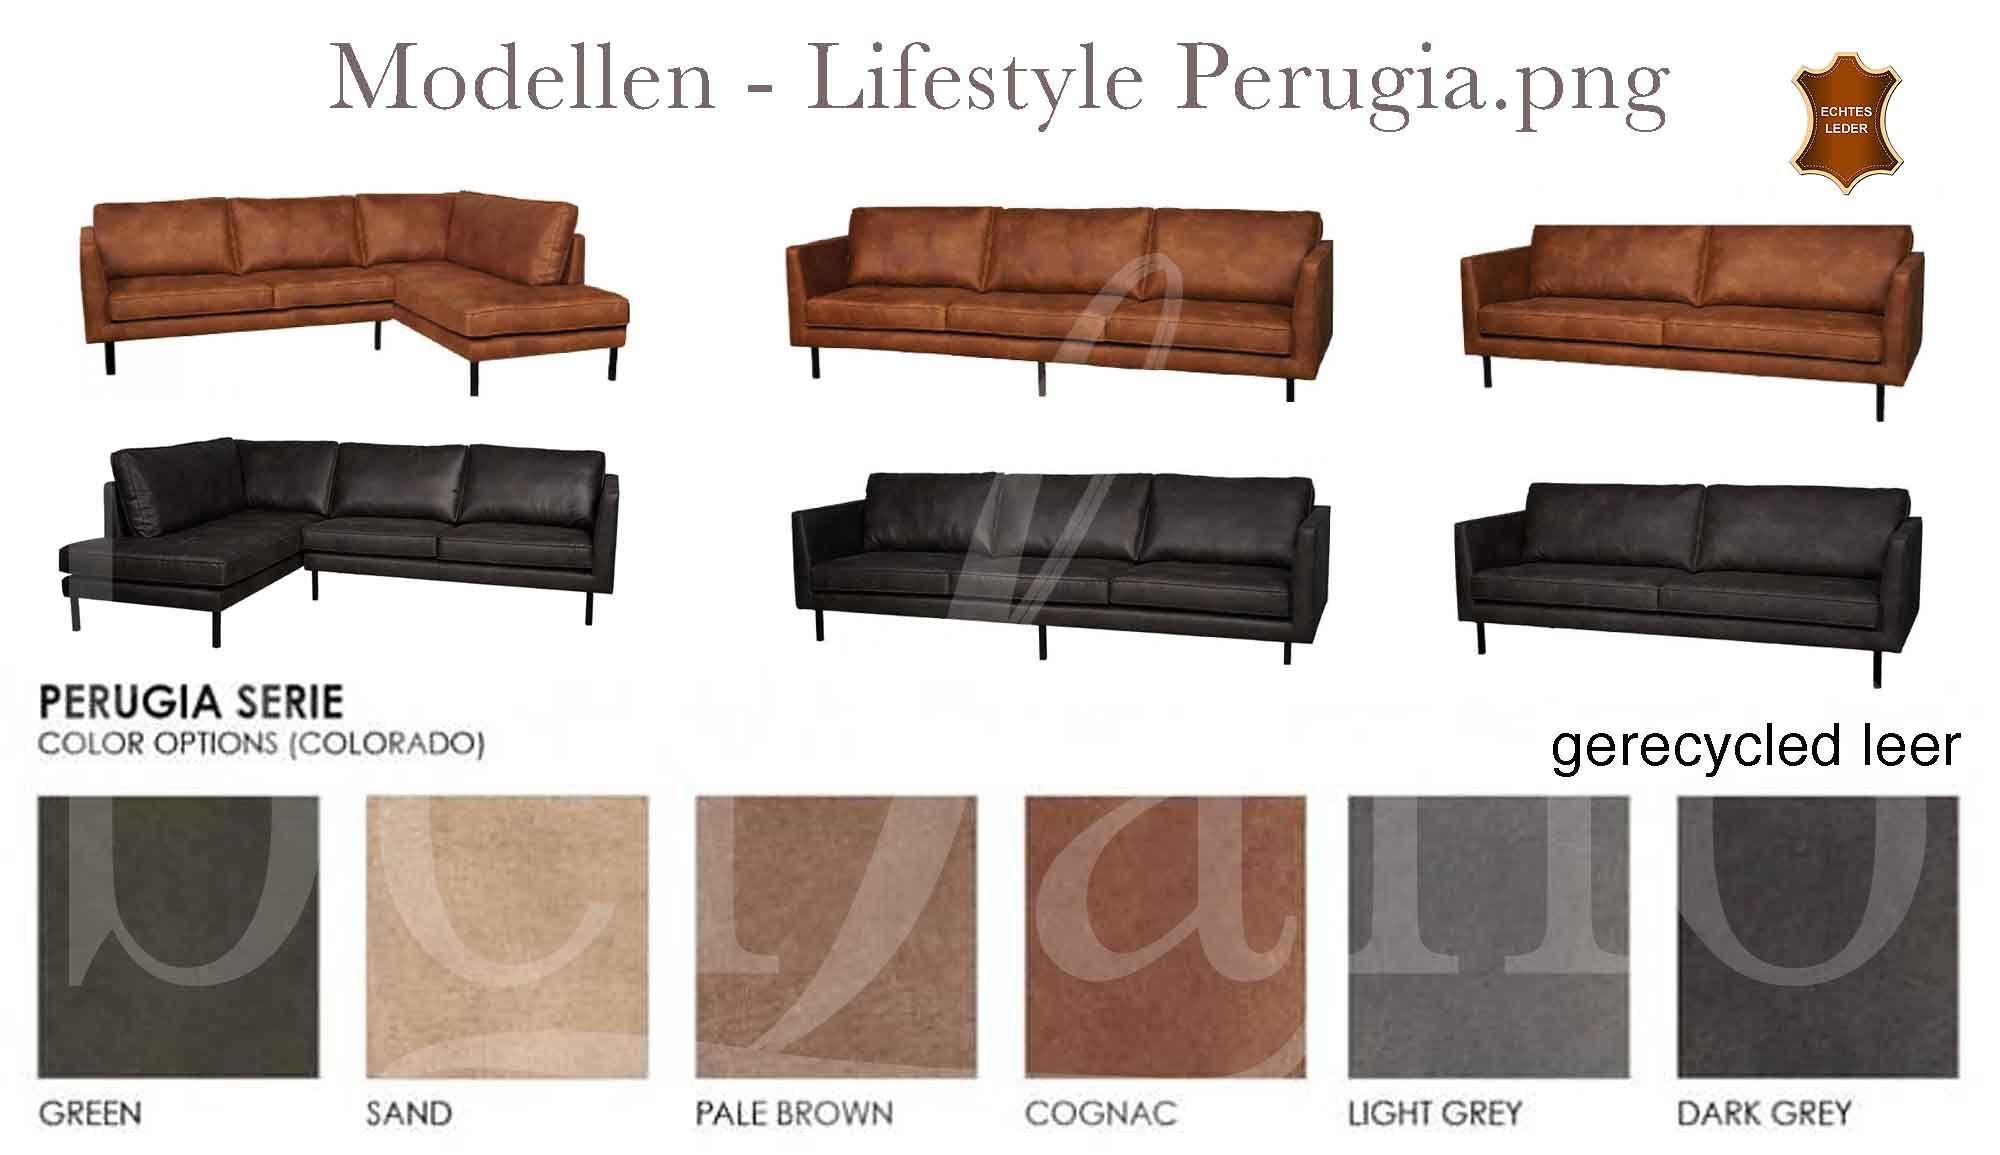 Zandkleurig Leren Bankstel.Lifestyle Perugia Lounge Sofa Leren Bank Grijs Cognac Groen Leer